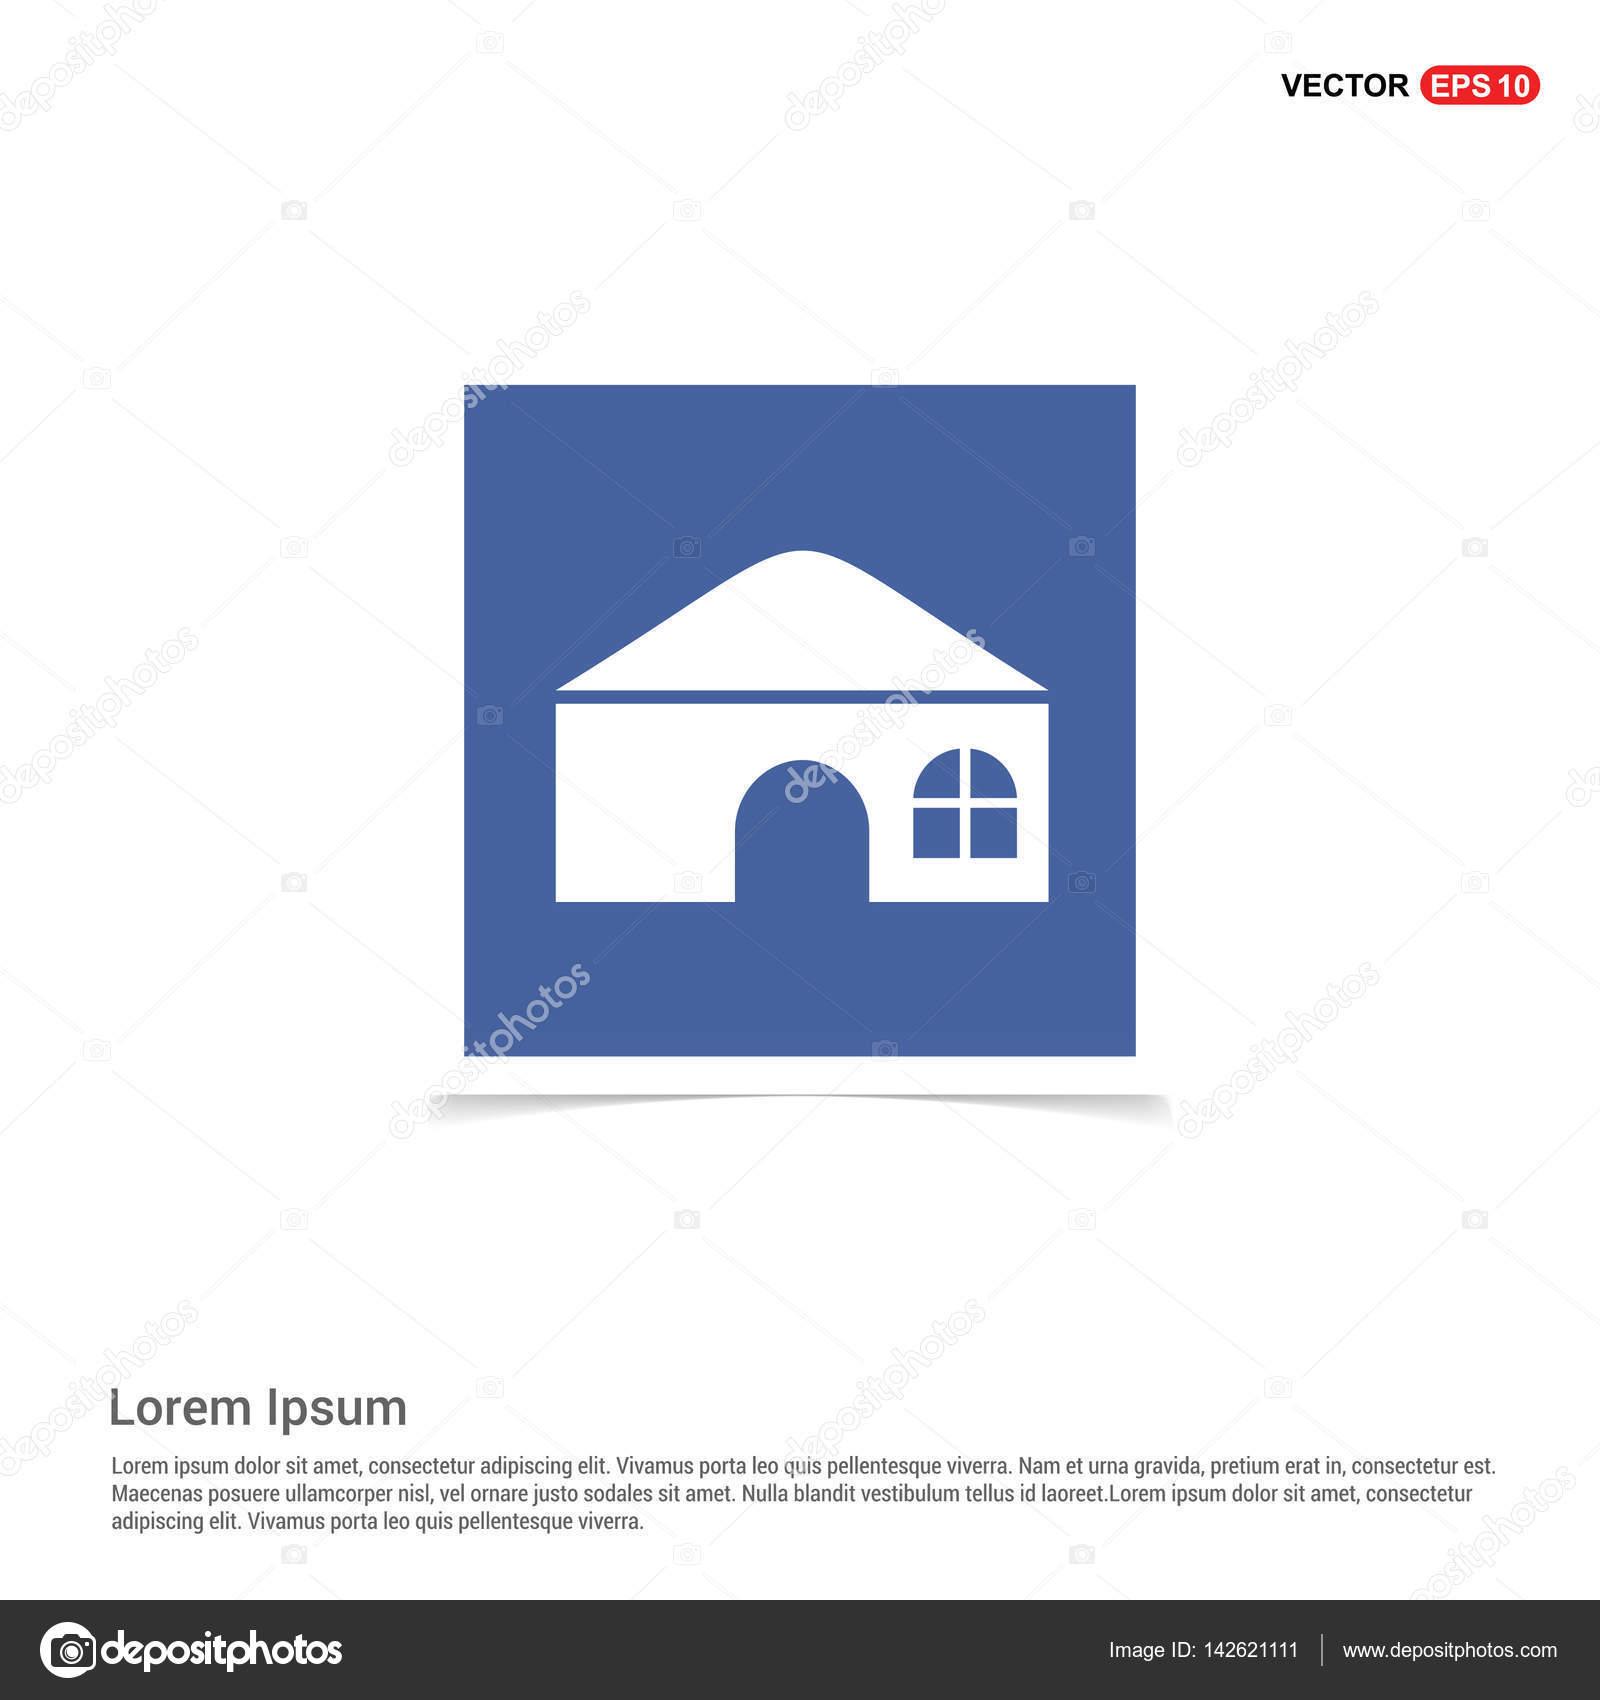 房屋平面图标蓝色照片卡,矢量图上– 图库插图